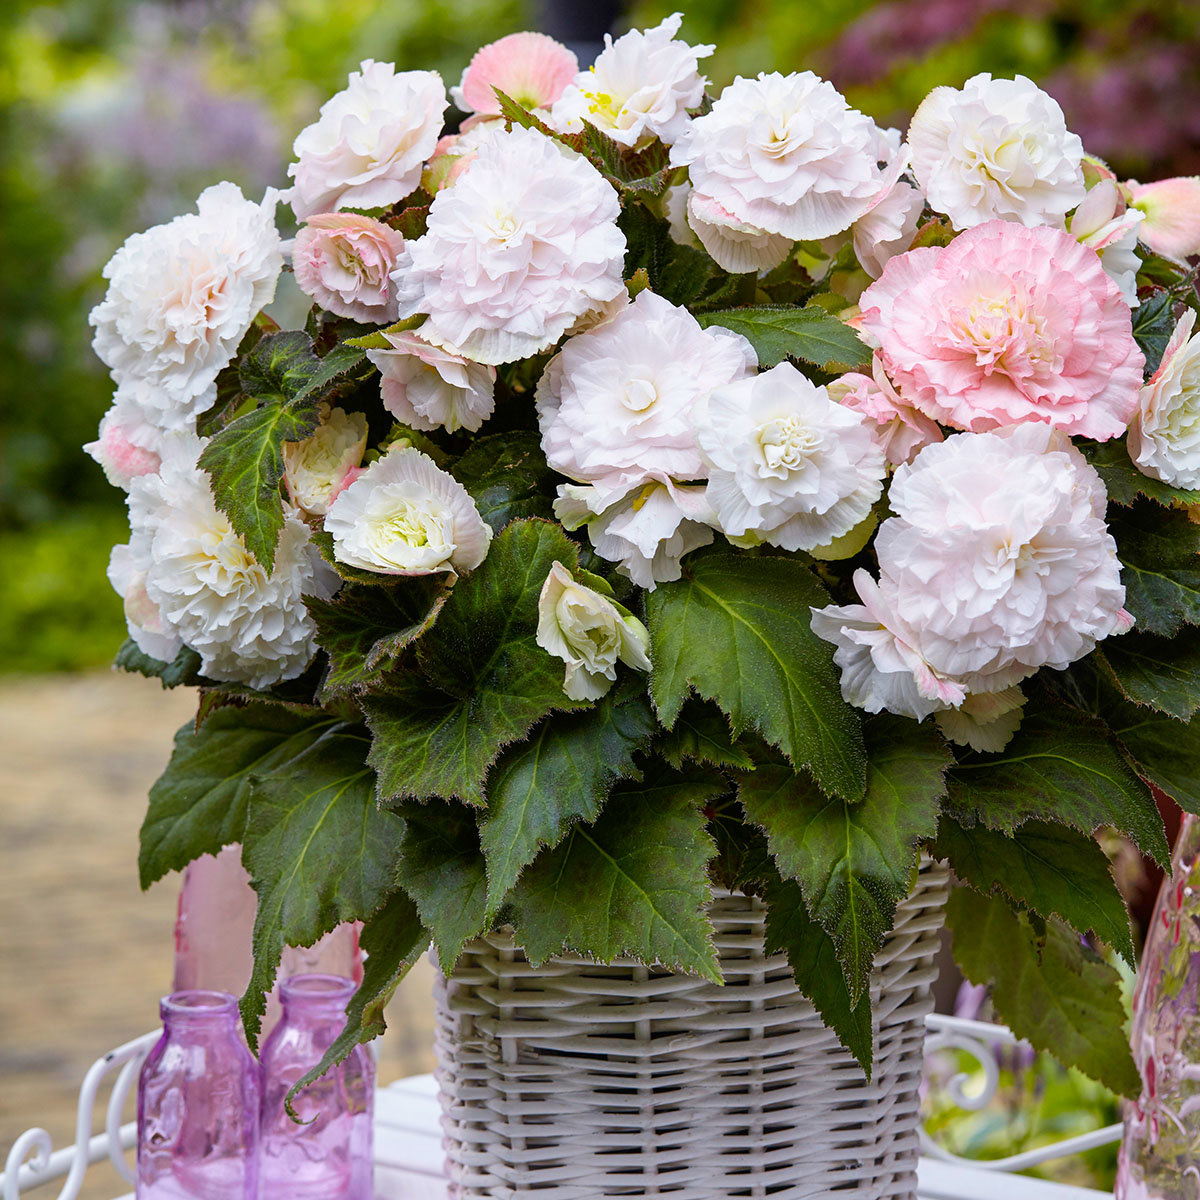 Bezaubernd Begonien Pflege Referenz Von Begonie Wummi Apfelblüte